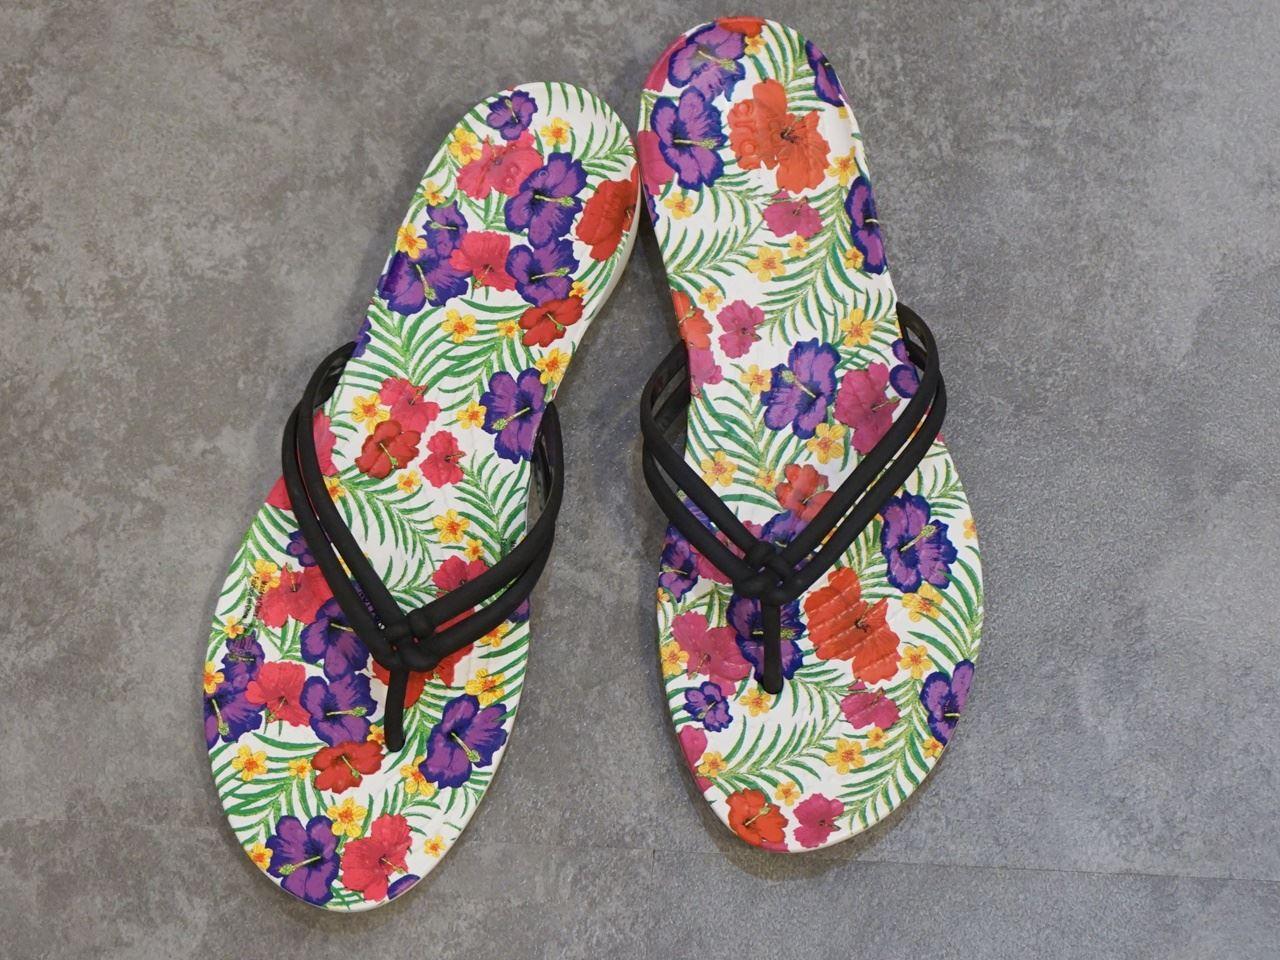 Women's Crocs Isabella Graphic Flip クロックス イザベラ グラフィック フリップ ウィメン